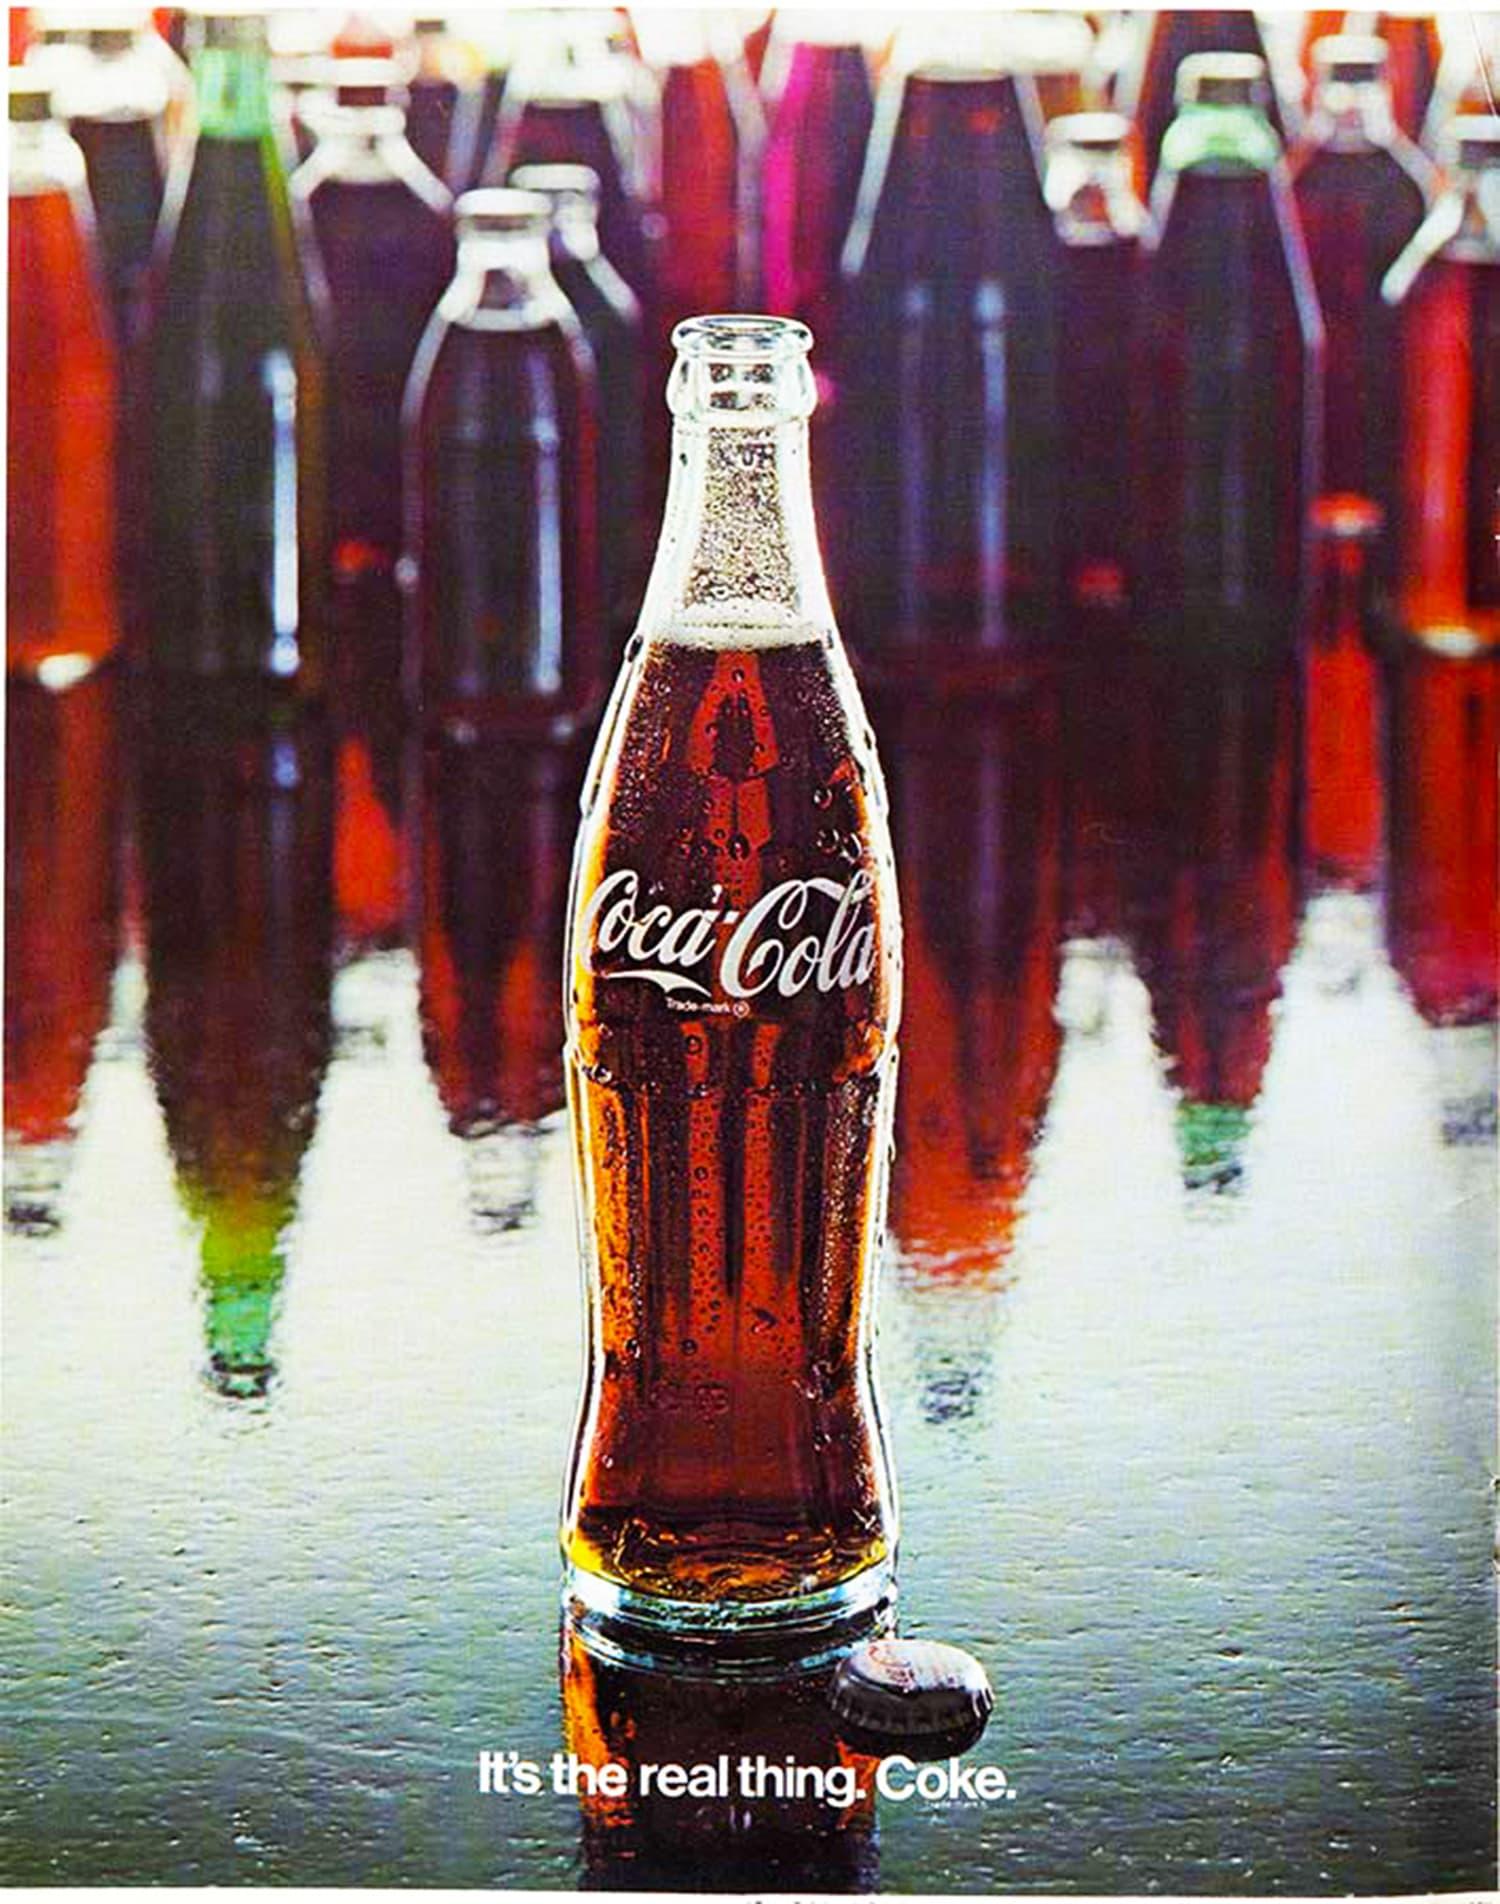 coke journey 2018-8-19 witamy na stronie głównej coca-cola journey mamy nadzieję, że znajdziesz tu ciekawe i inspirujące treści zapraszamy.